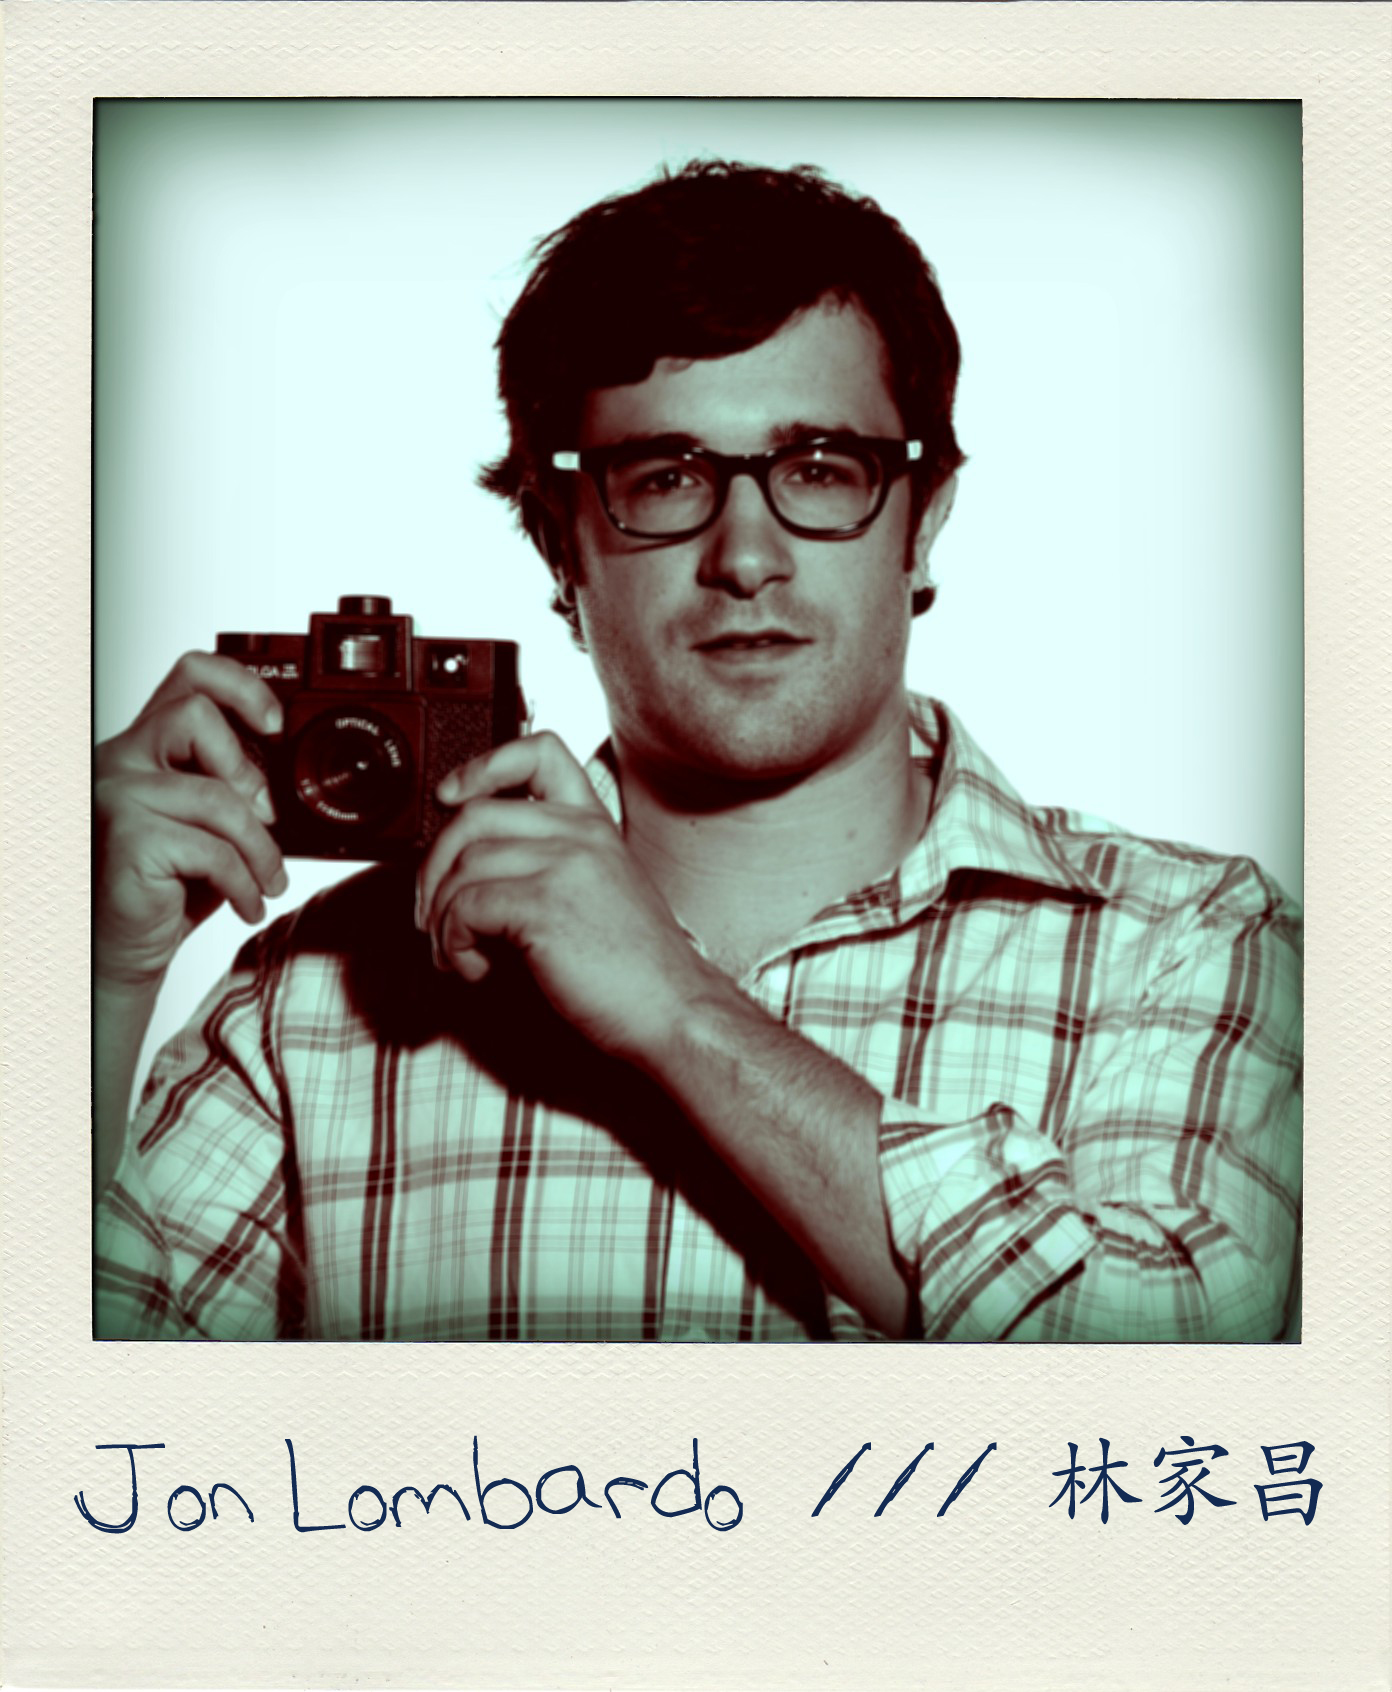 Jon Lombardo